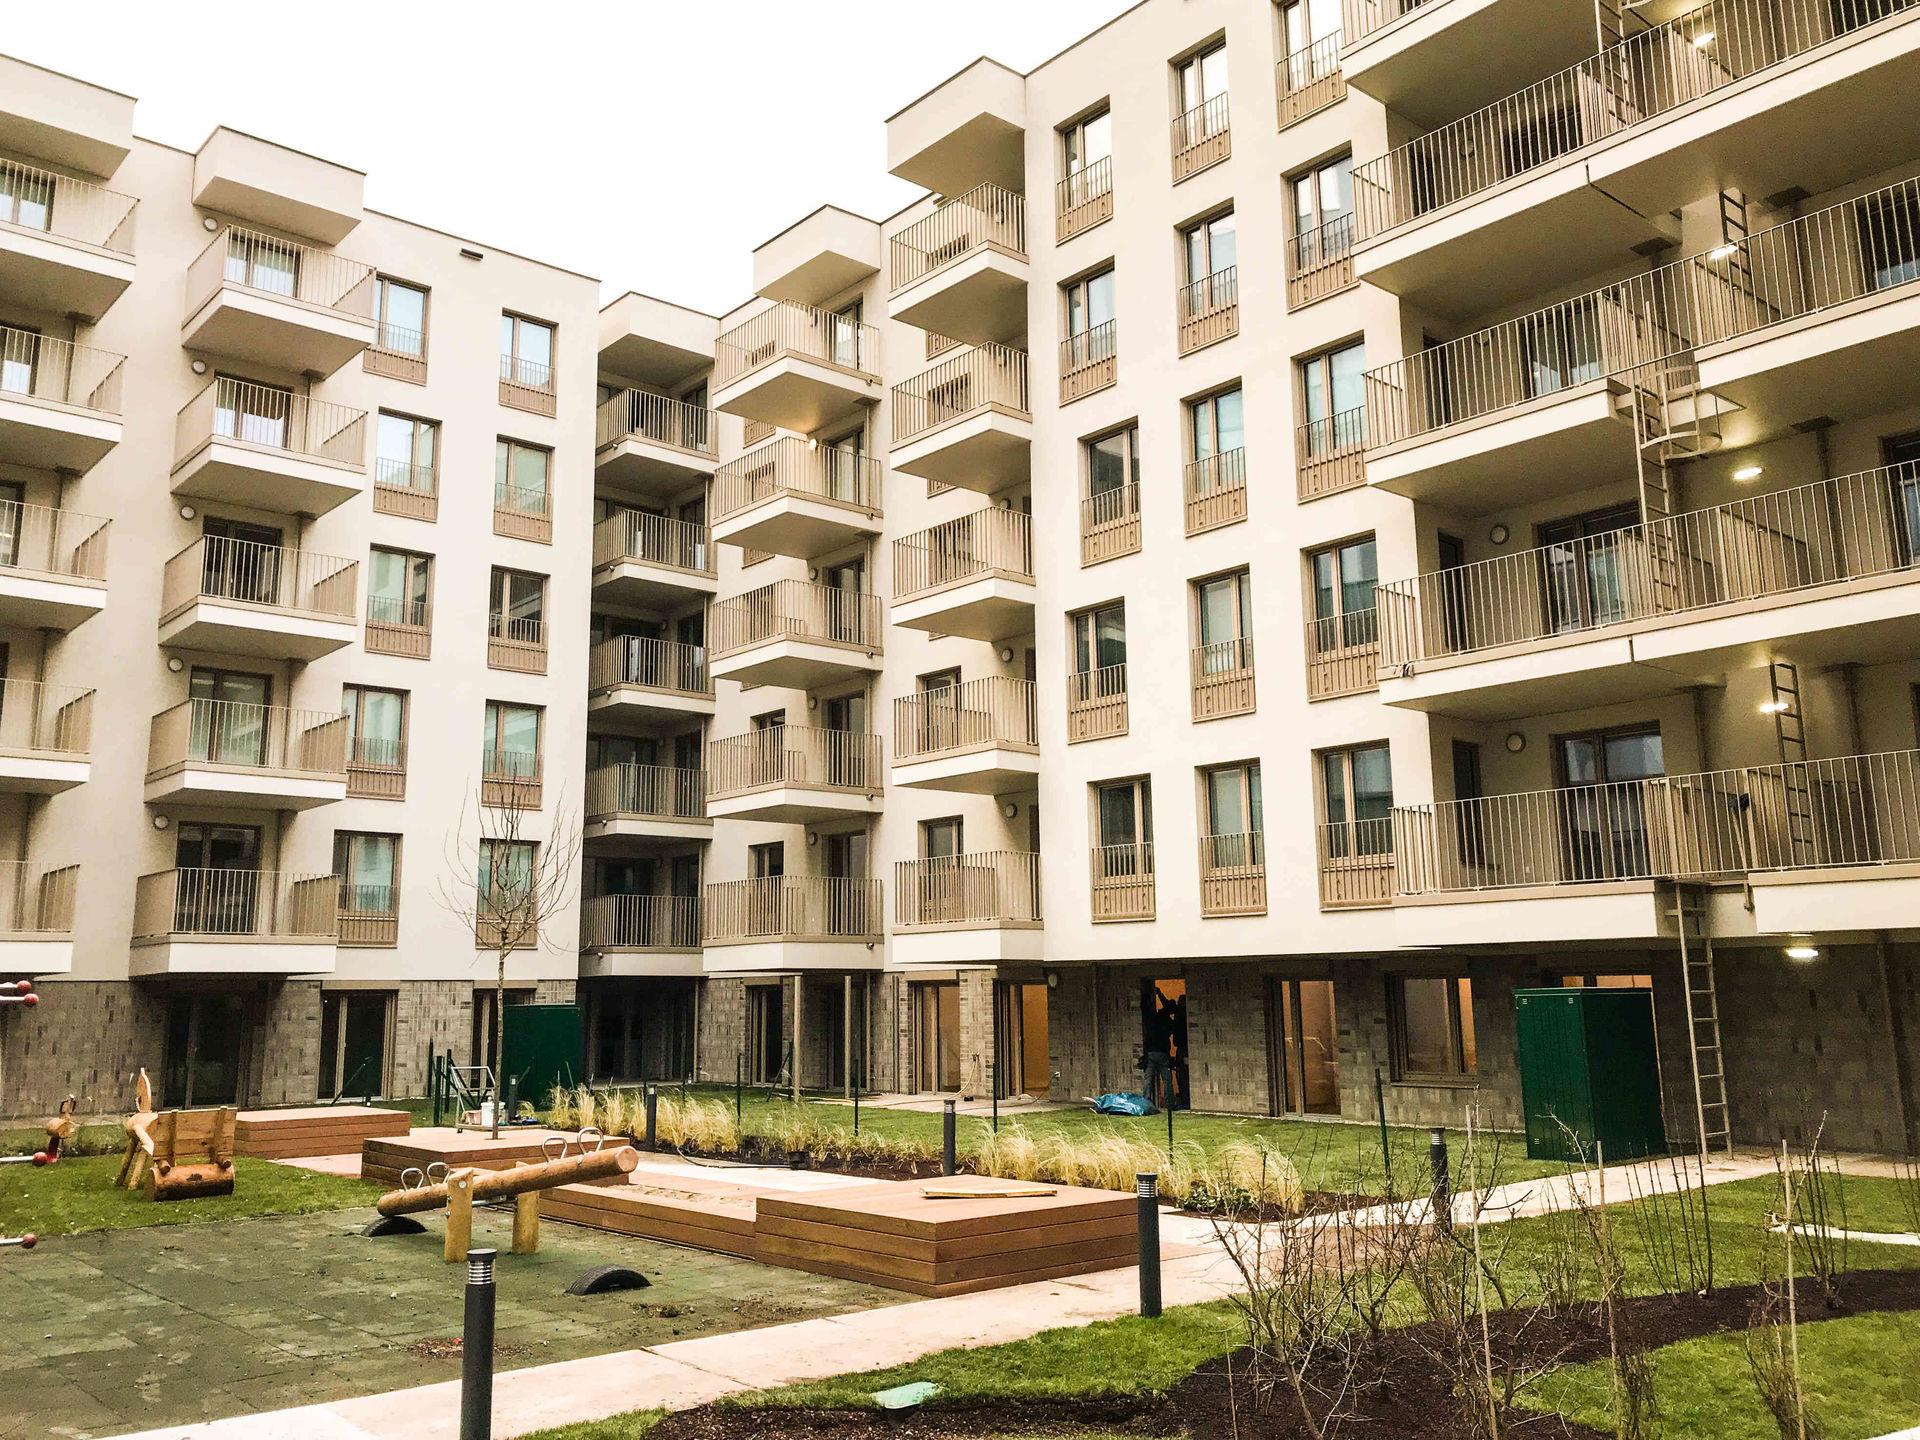 Laendyard - Tolle Mietwohnungen zwischen Prater und City